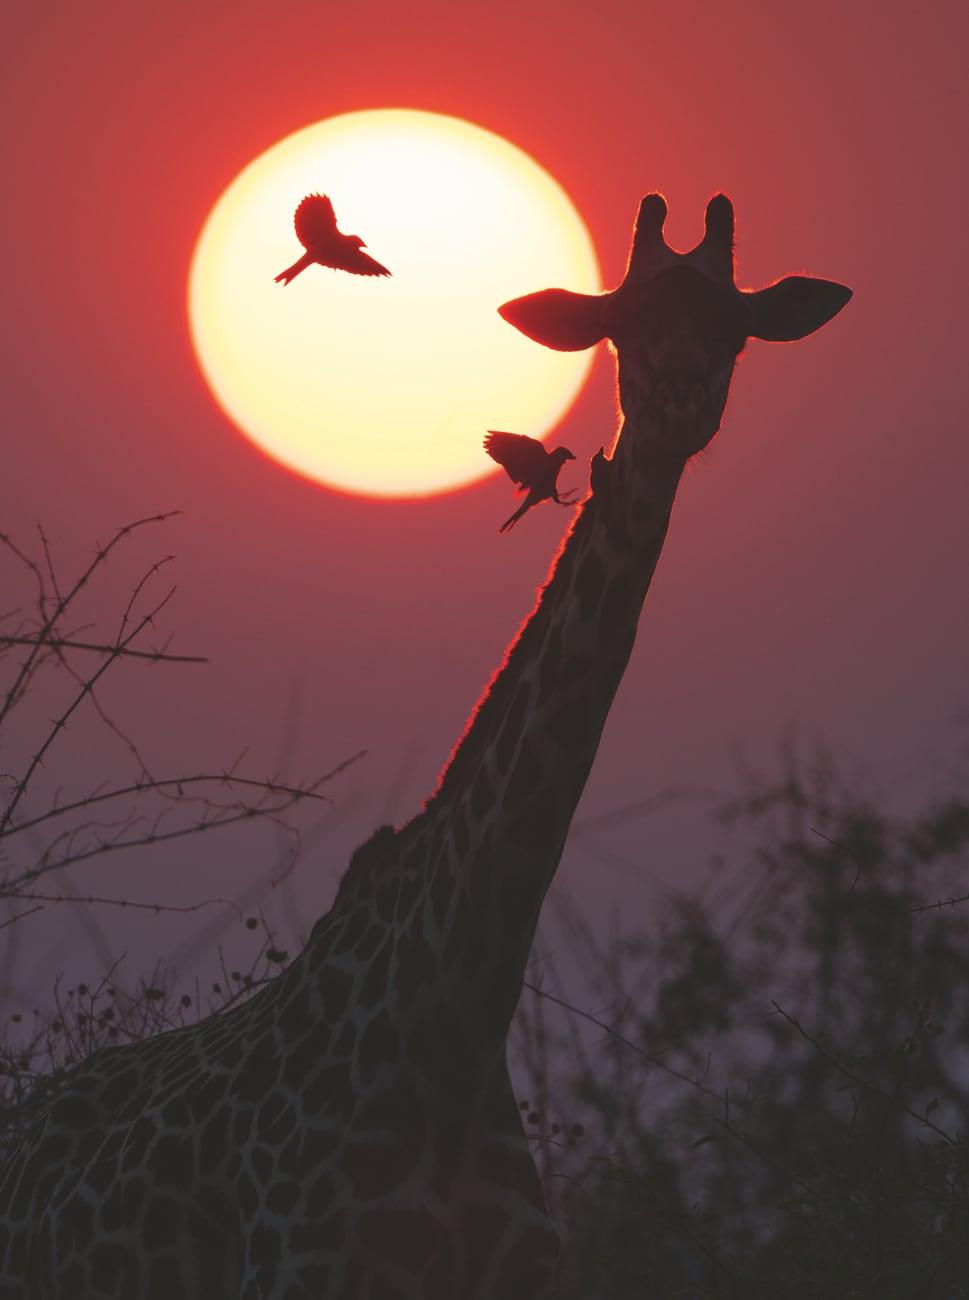 foto: © Marsel van Oosten - The Tower, Botswana. Foto van giraffekop met volle maan